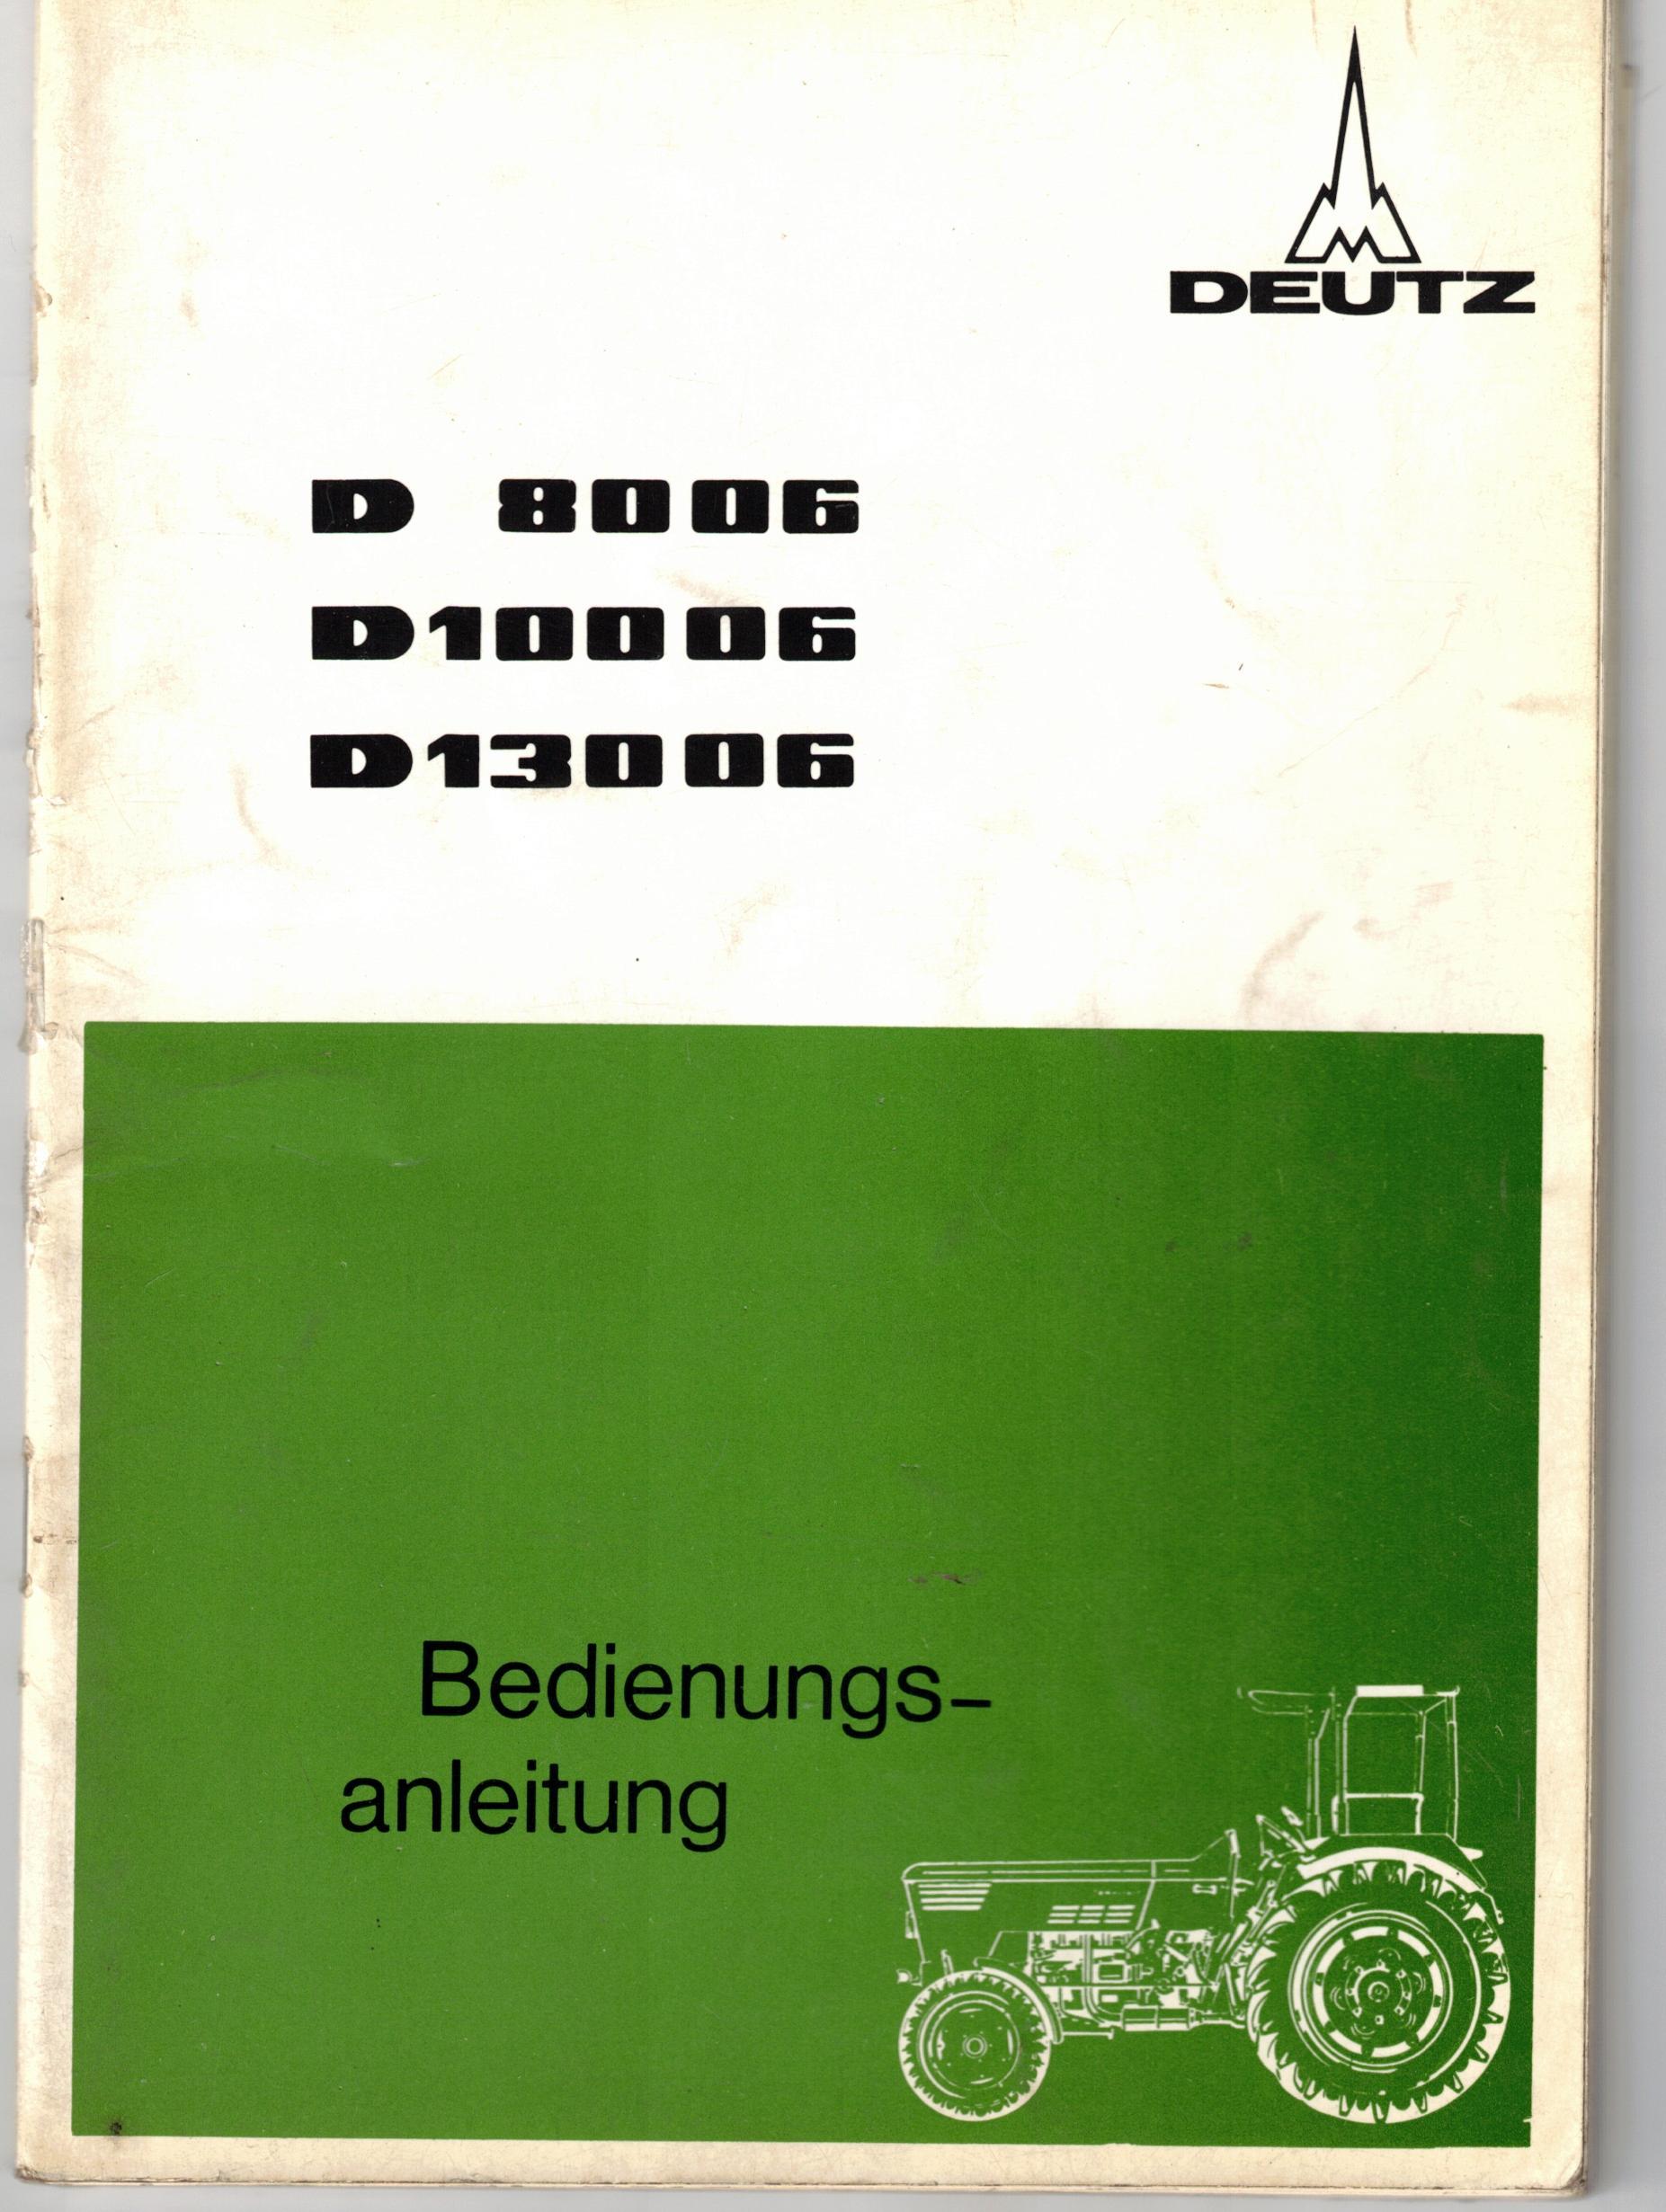 Bedienungsanleitung Deutz D8006, D10006 und D130006